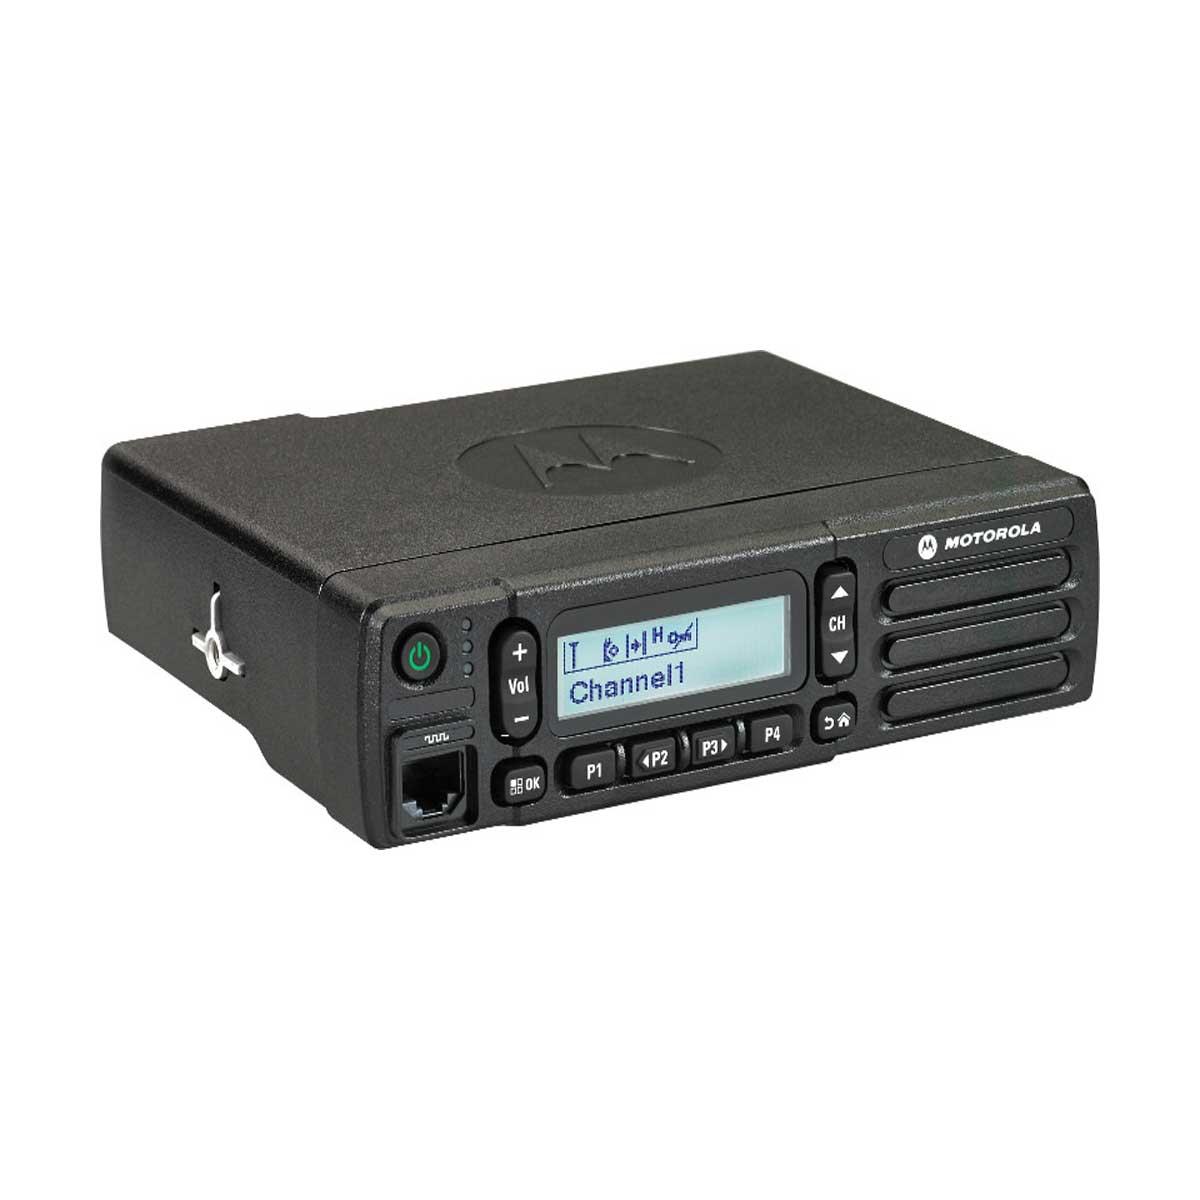 Radio Móvil Motorola DEM500 Digital